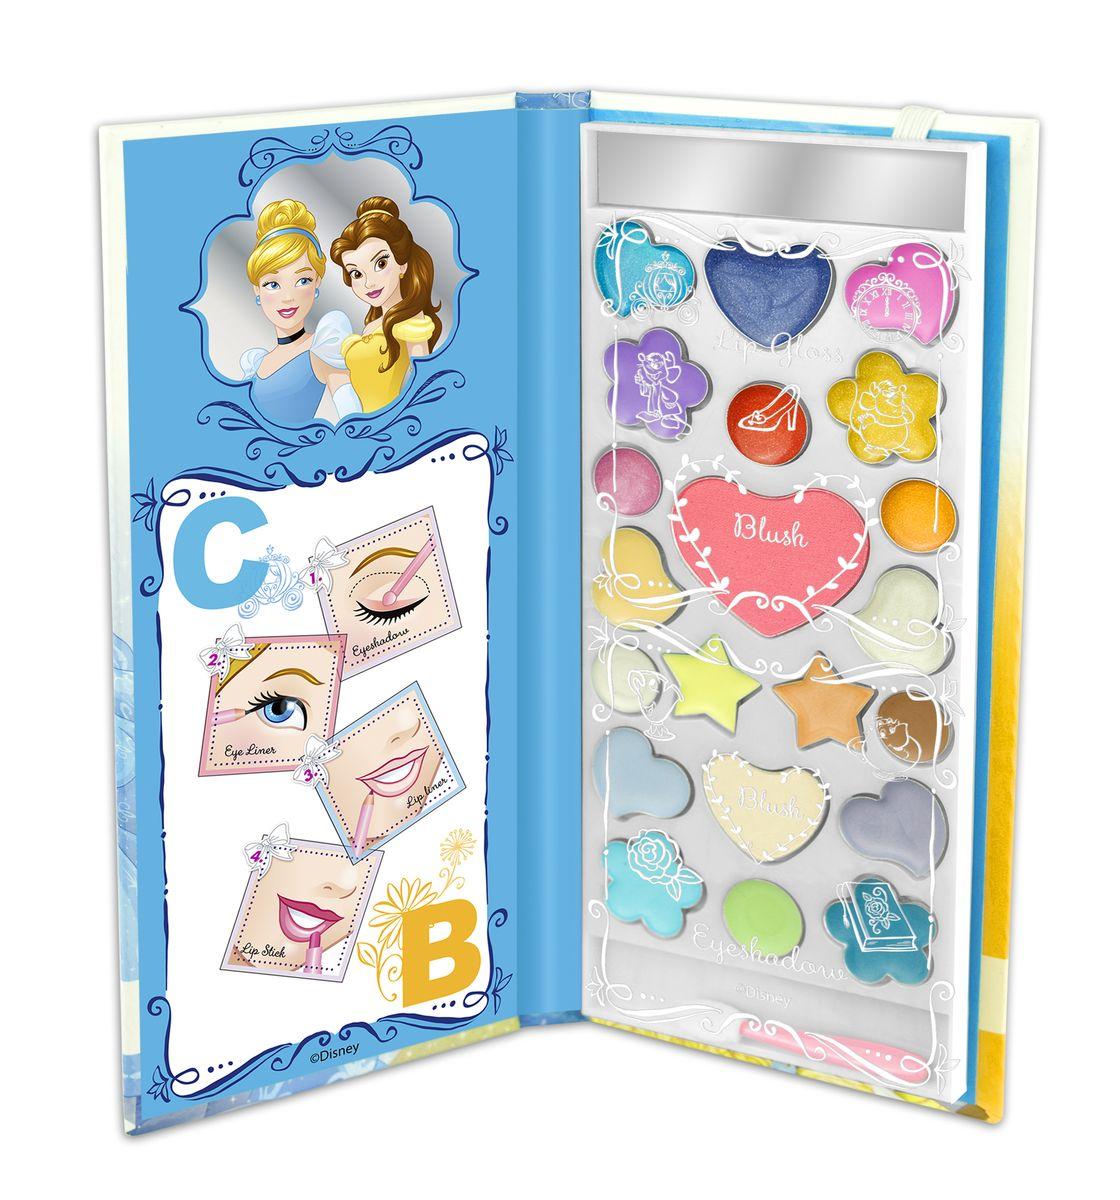 Markwins Игровой набор детской декоративной косметики Princess CB в книжке1092018Состав набора: палитра блесков для губ из 10 оттенков, румяна 2 оттенка, палитра кремовых теней для век из 9 оттенков, аппликатор 1 шт., зеркальце 1 шт.